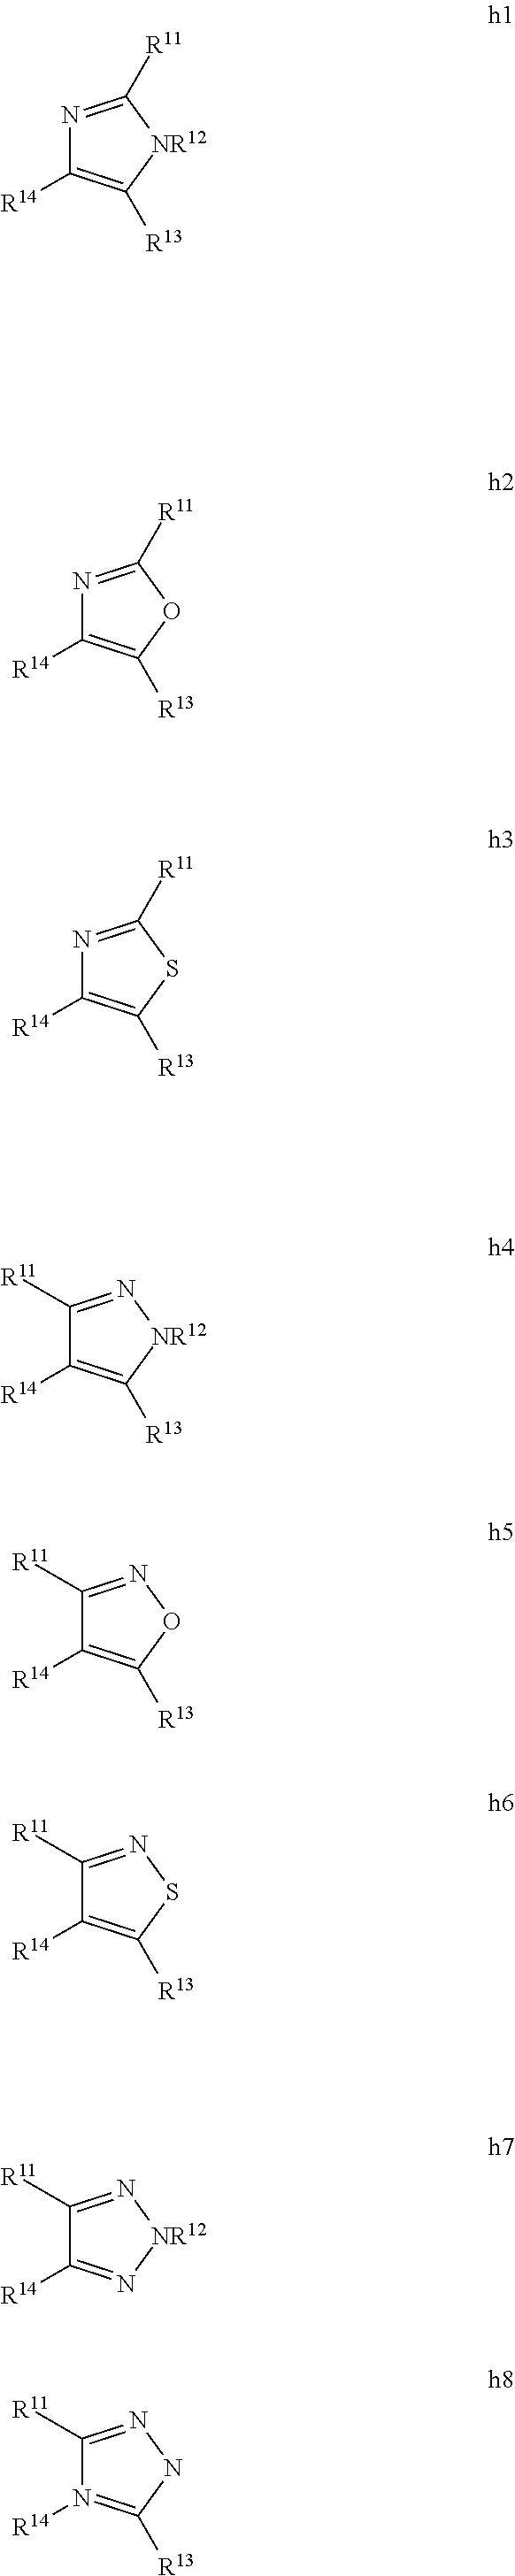 Figure US09169214-20151027-C00002